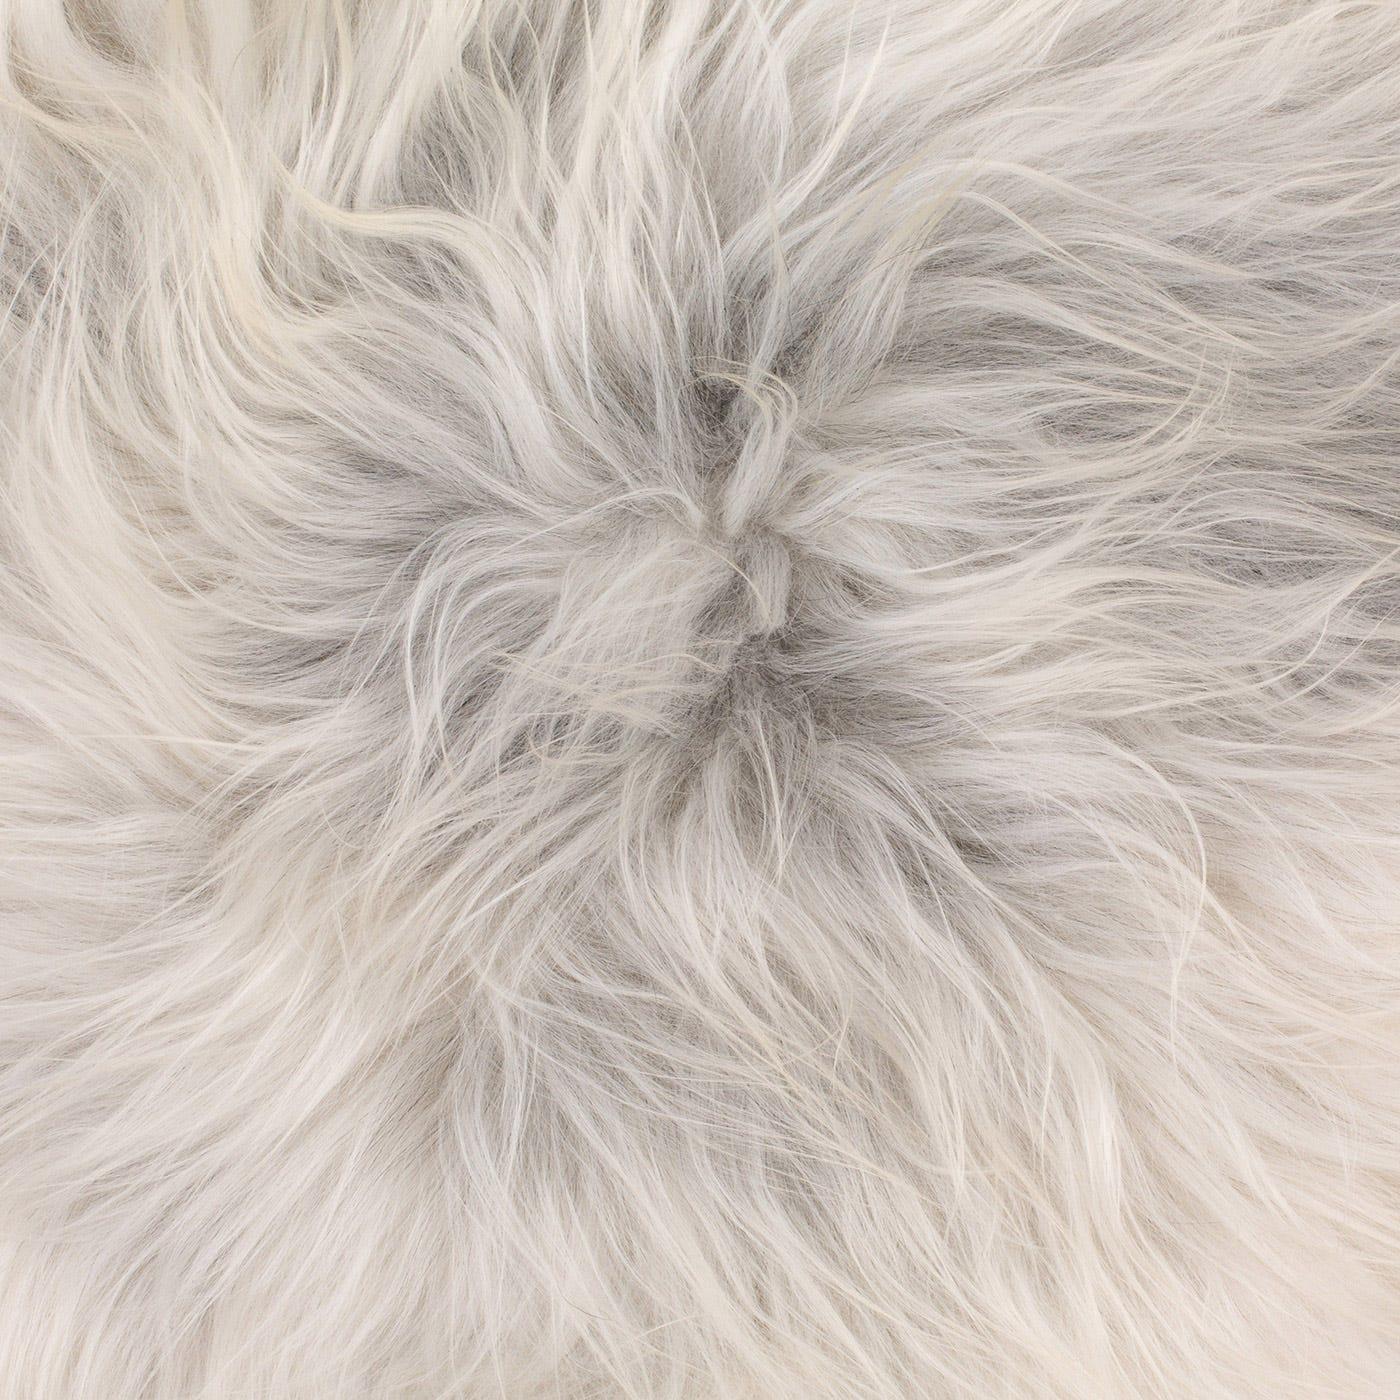 Icelandic Sheepskin Rug Natural Grey